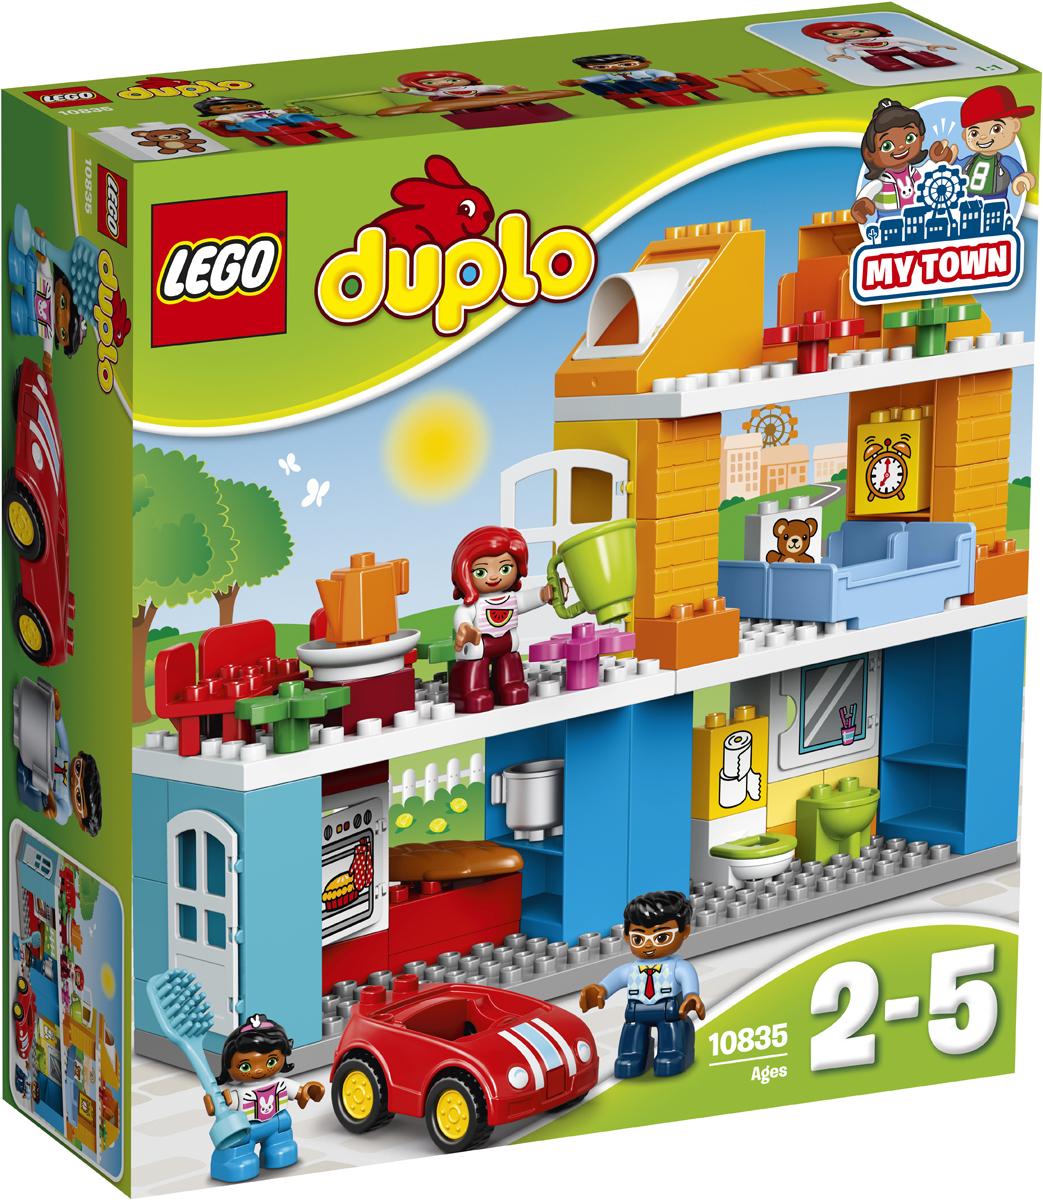 LEGO DUPLO Конструктор Семейный дом 1083510835Разыгрывайте реальные сценарии из жизни с помощью LEGO DUPLO: создавайте узнаваемый мир с новыми фигурками DUPLO. С этим лёгким в сборке домиком можно придумать бессчетное количество игр. Малыши с удовольствием будут разыгрывать повседневные сценарии: подъём с утра, приготовление и приём пищи, мытьё машины. Наблюдайте за тем, как ваш малыш развивает навыки ролевой игры, создавая сценки из повседневной жизни с помощью фигурок DUPLO.